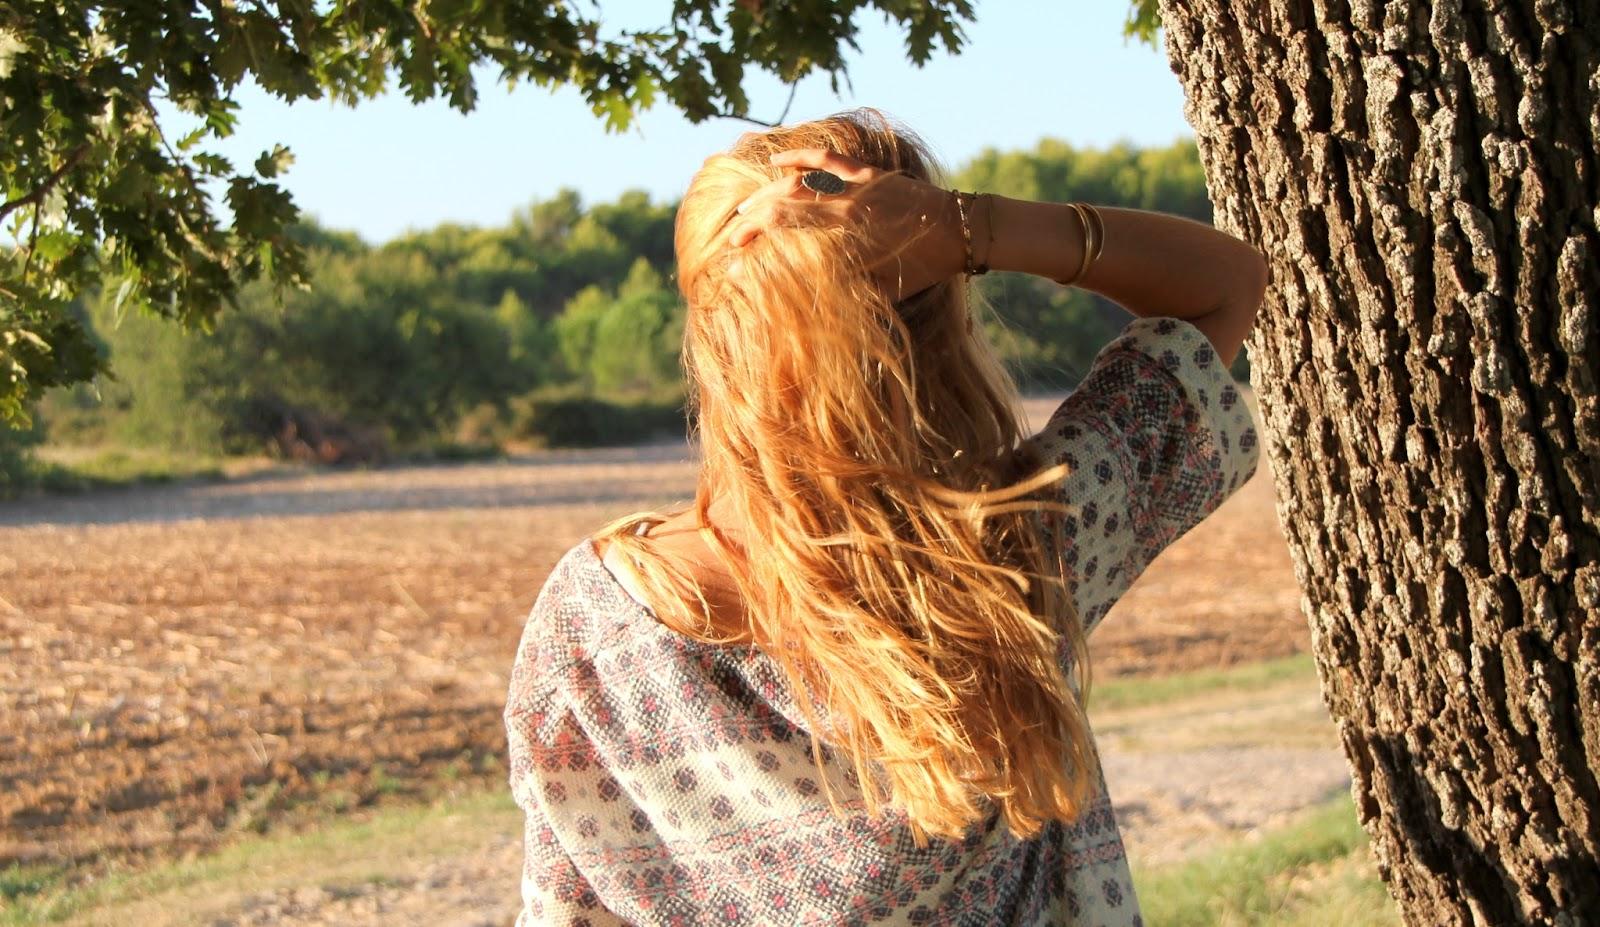 Si tombent les cheveux de siofora